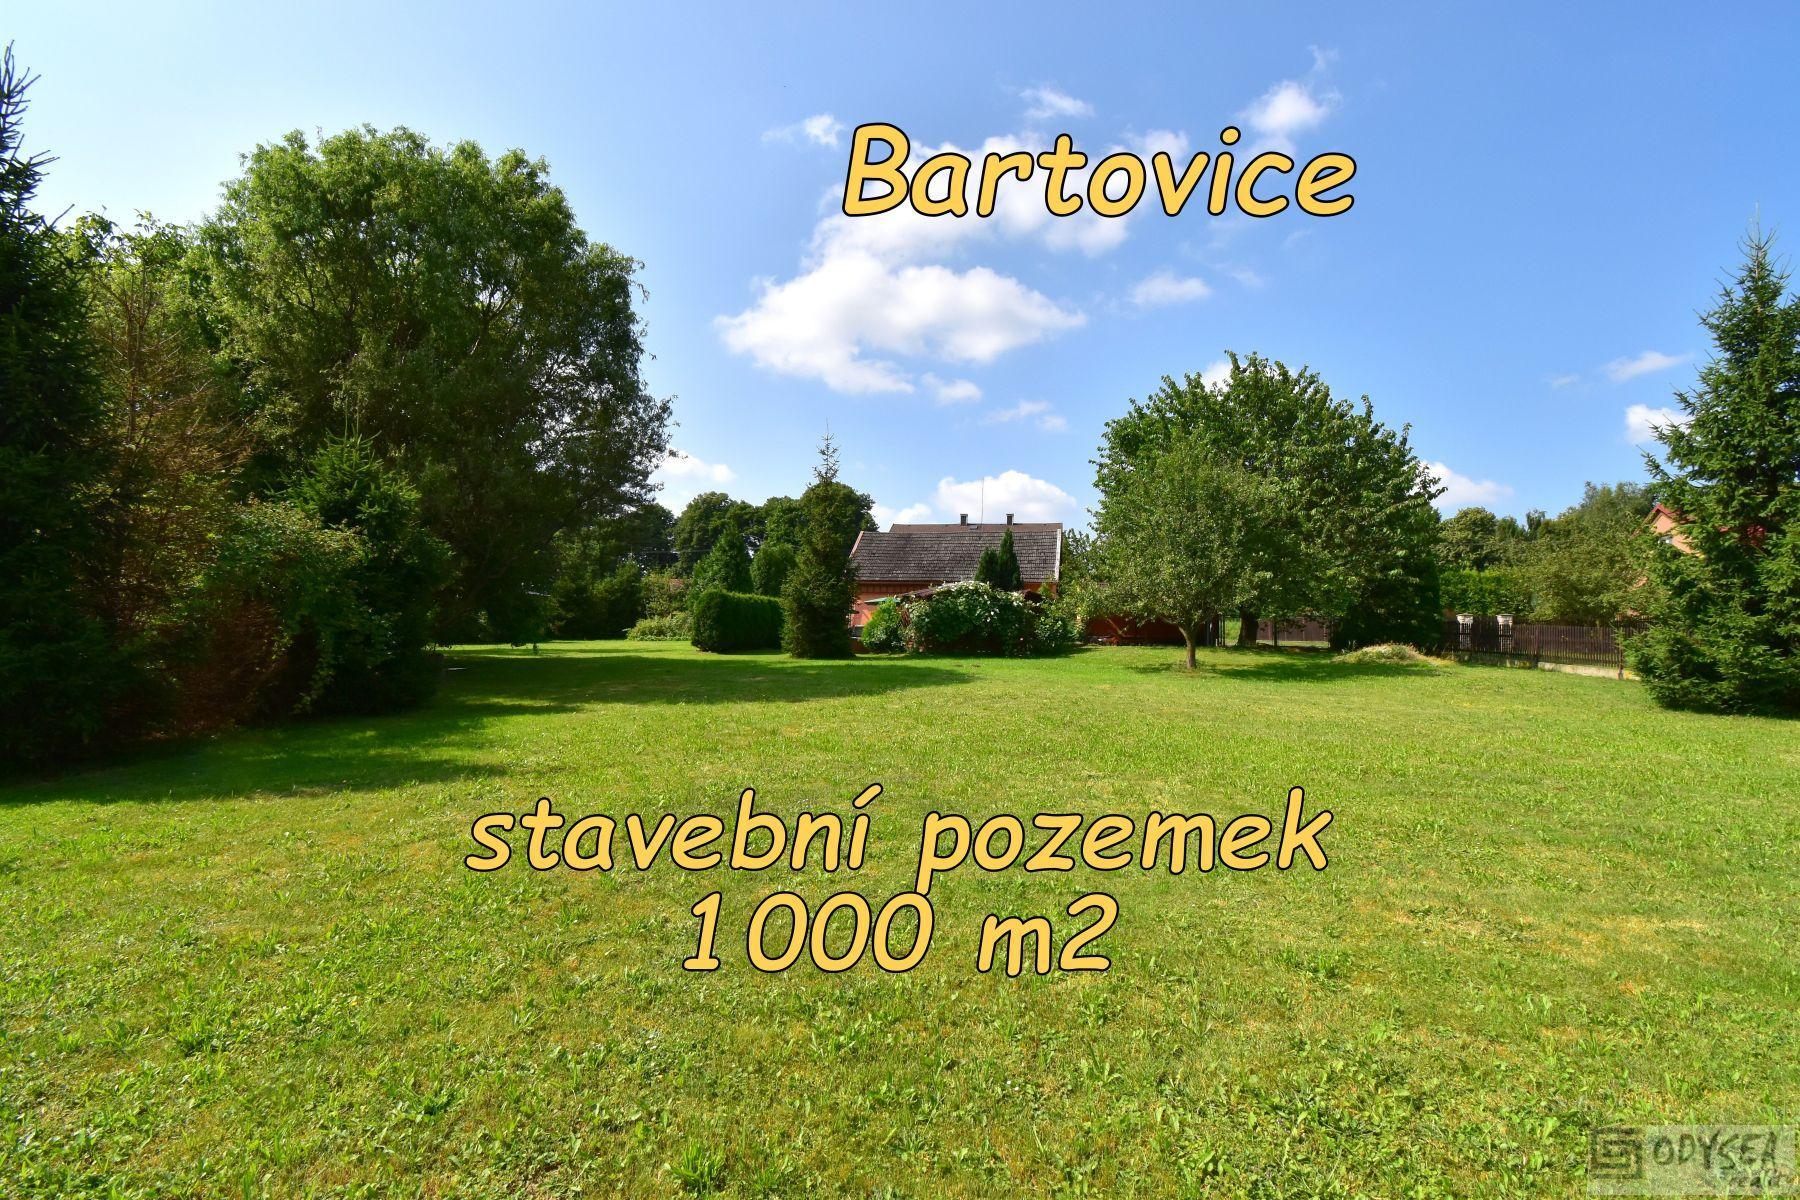 Prodej pozemku 1000 m2, obec Bartovice, okr. Ostrava